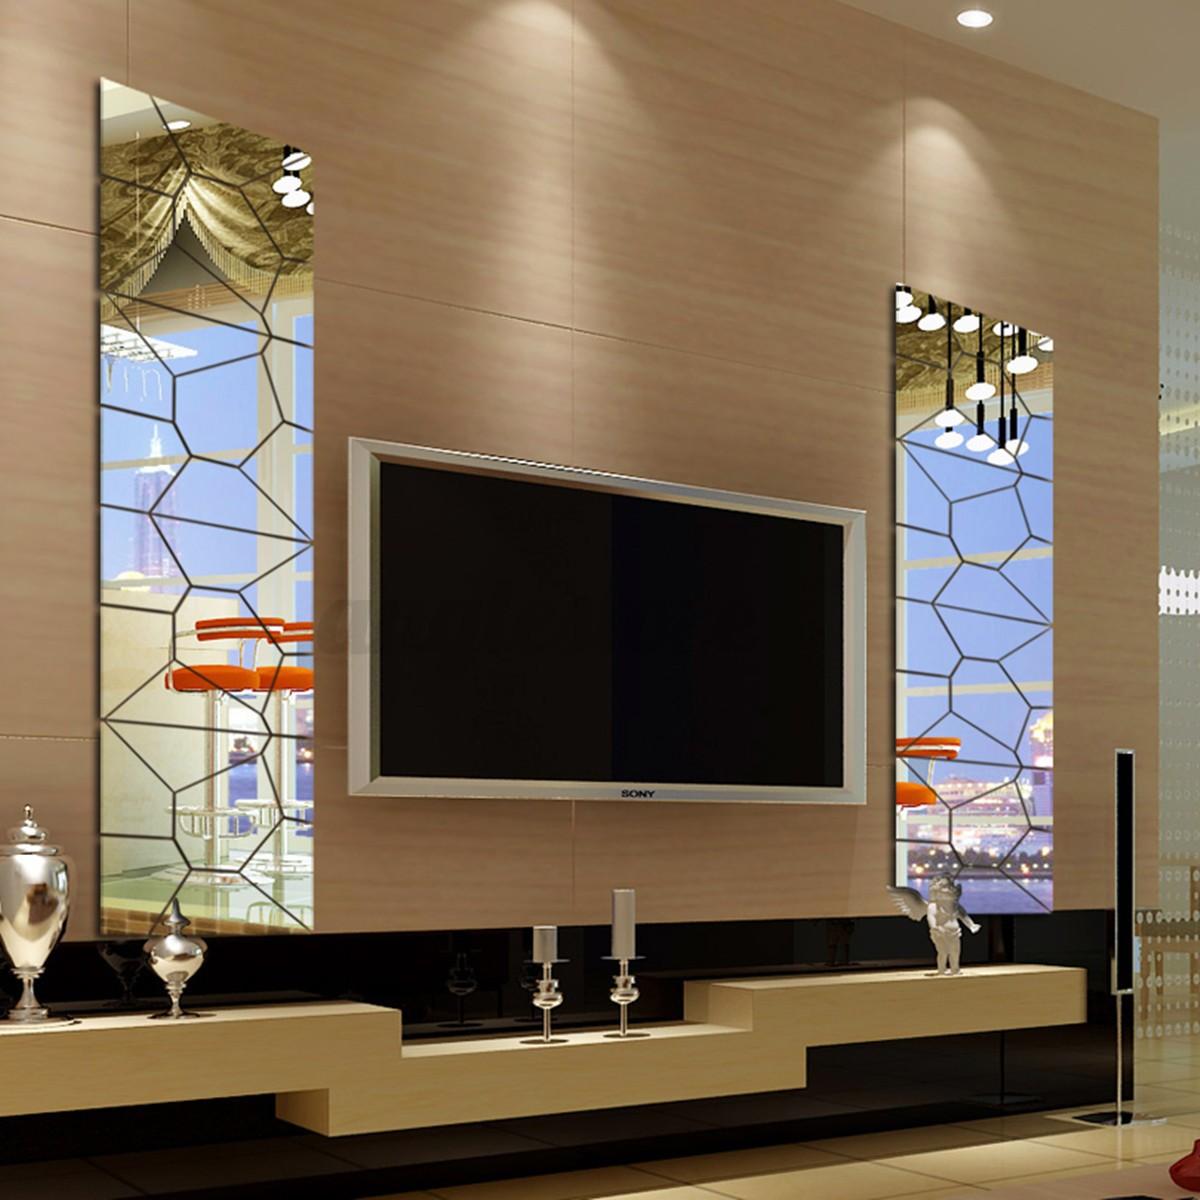 DIY 3D Acrylic Modern Mirror Decal Art Mural Wall Sticker Ho